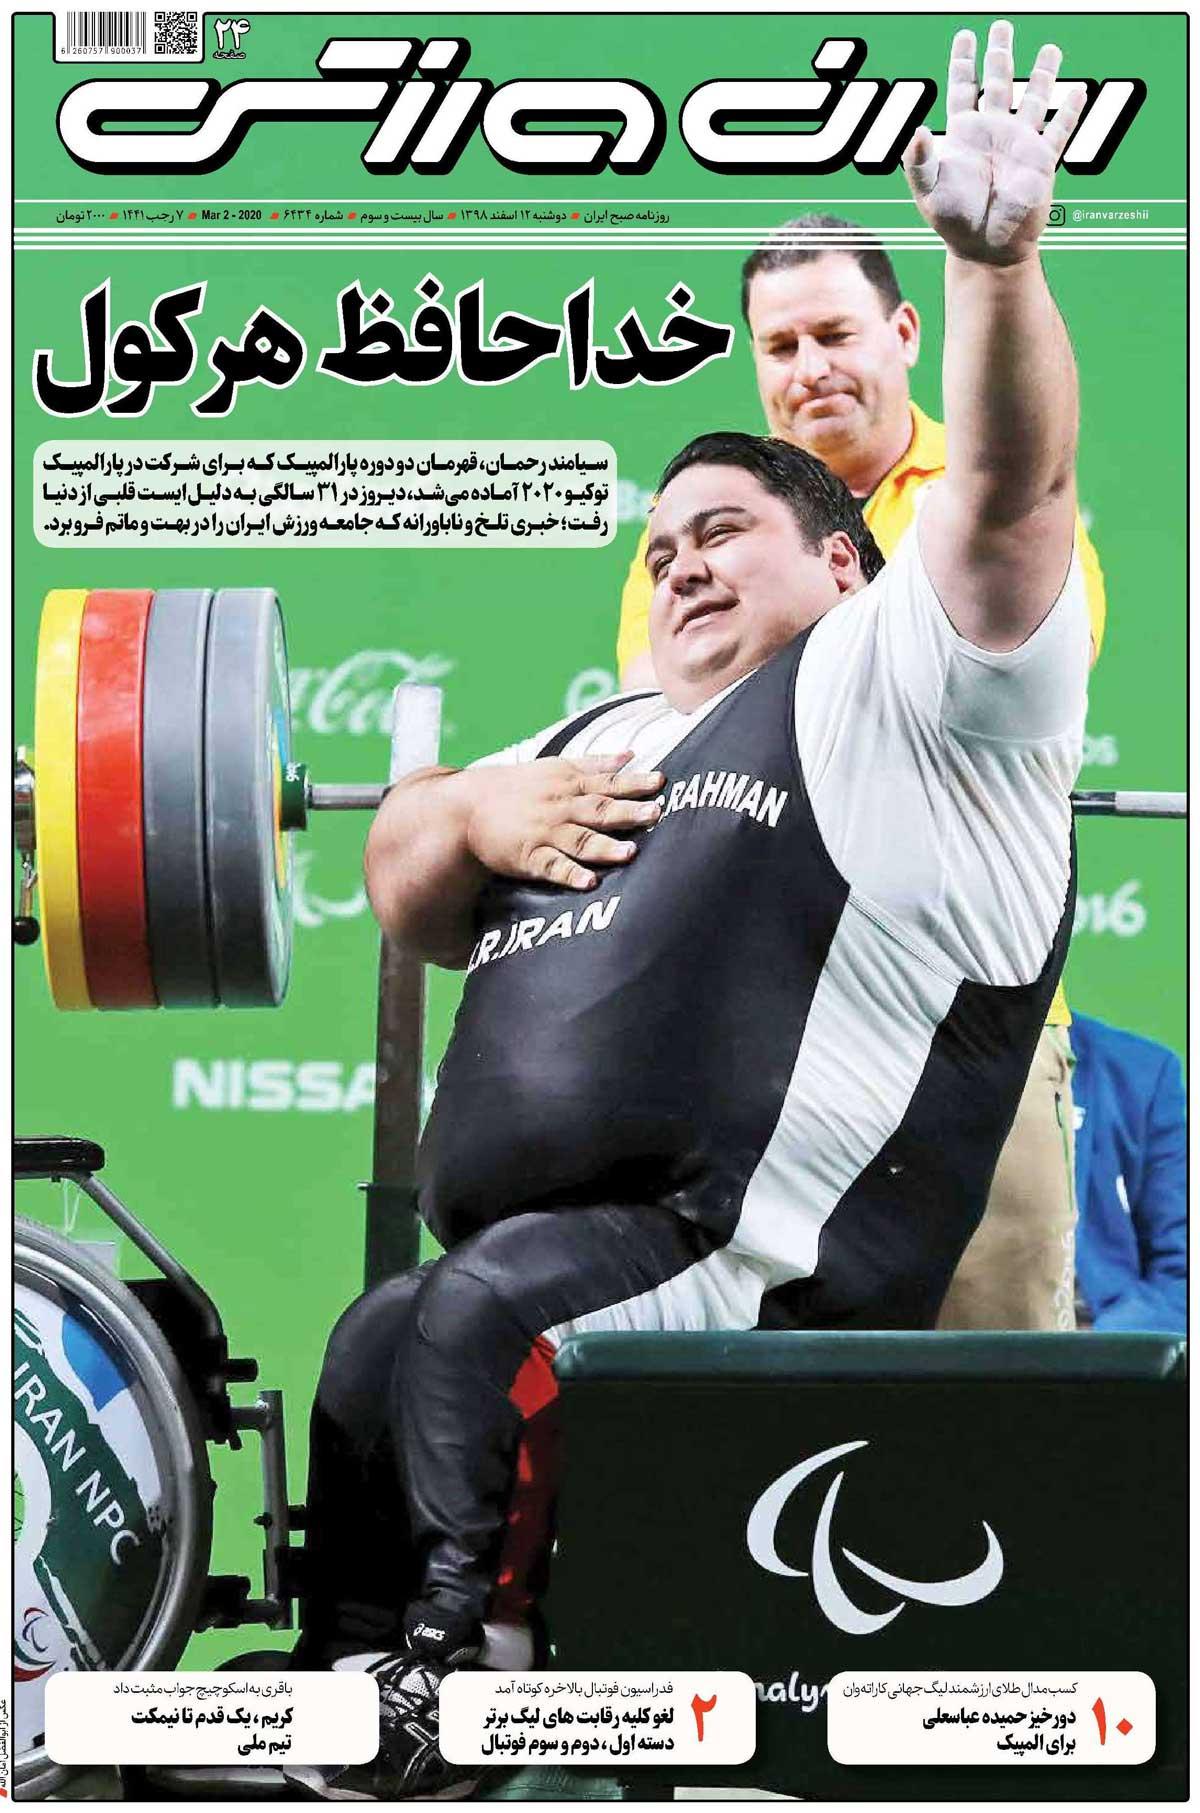 صفحه اول روزنامه ایرانورزشی دوشنبه ۱۲ اسفند ۹۸